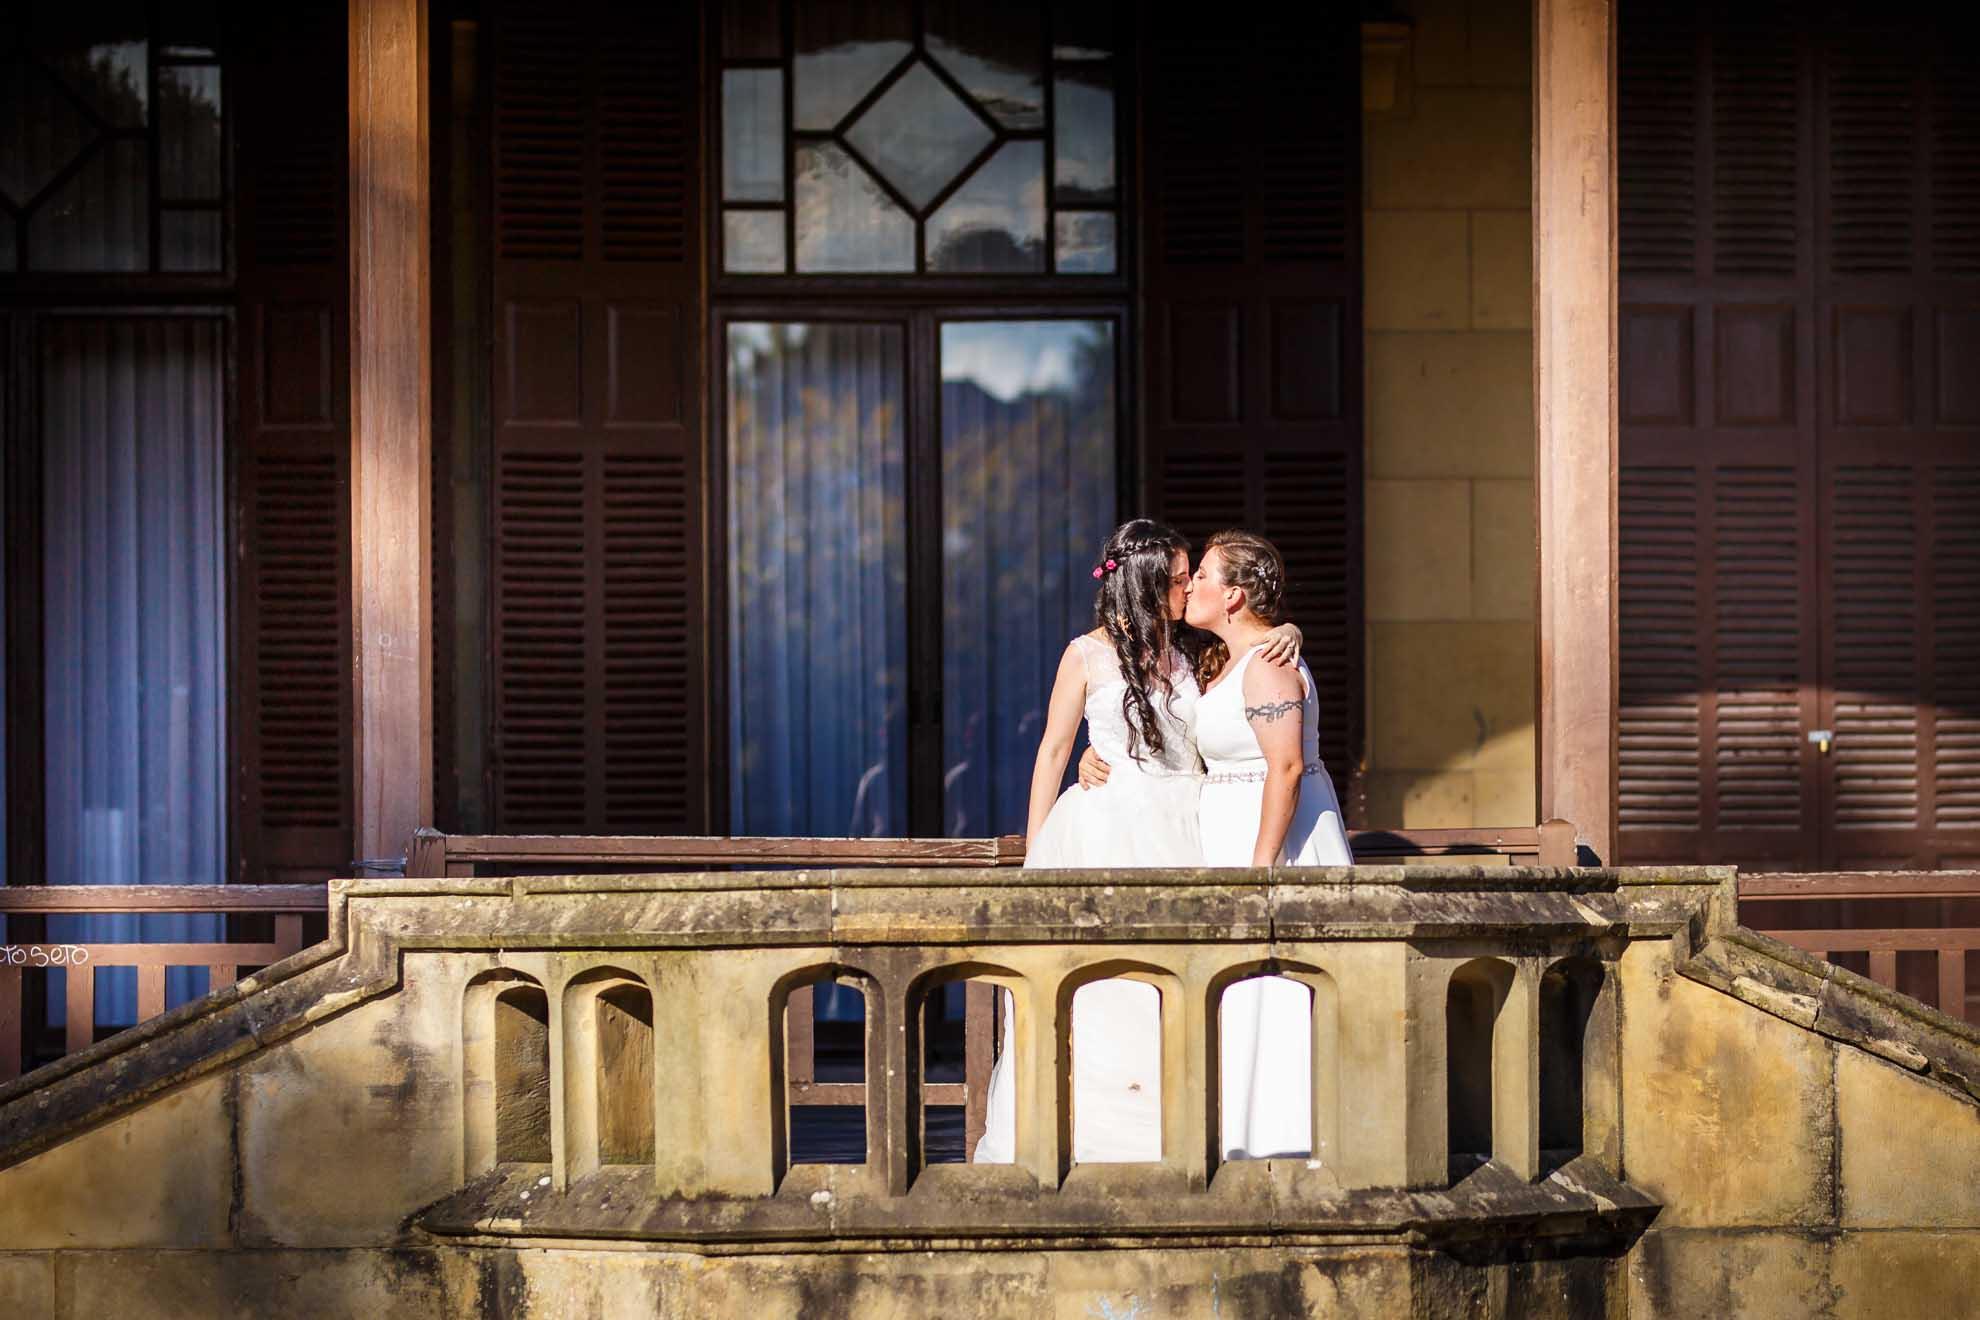 pareja de dos chicas besandose en su postboda en el palacio de miramaar